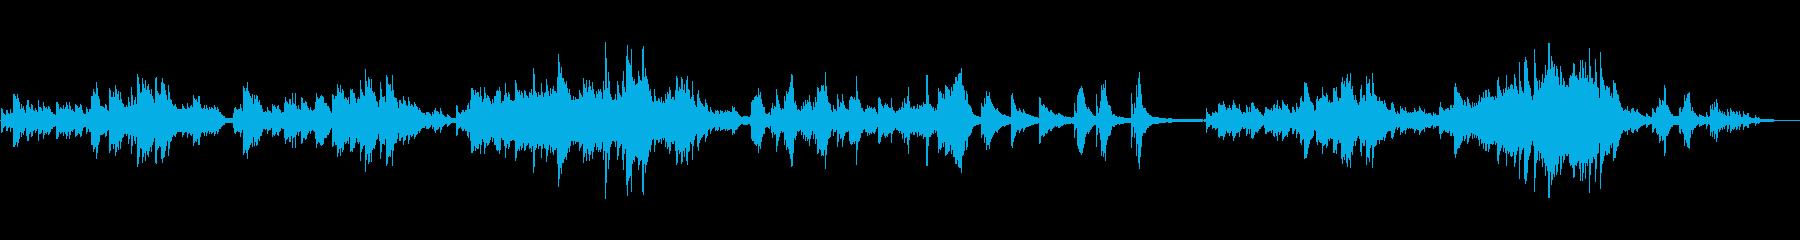 別れの曲の再生済みの波形